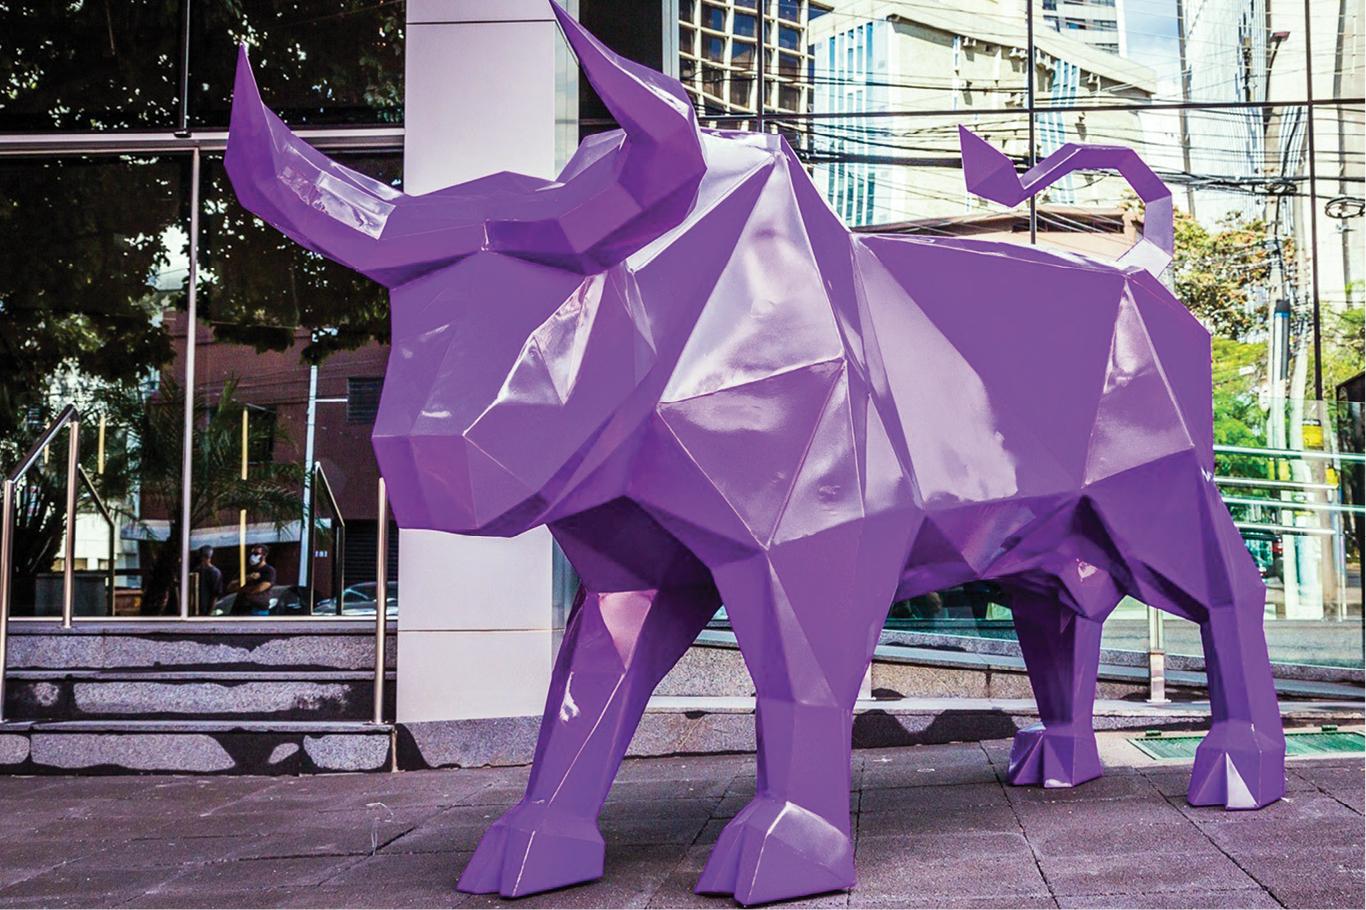 Estátua de um toro roxo na entrada de um prédio comercial